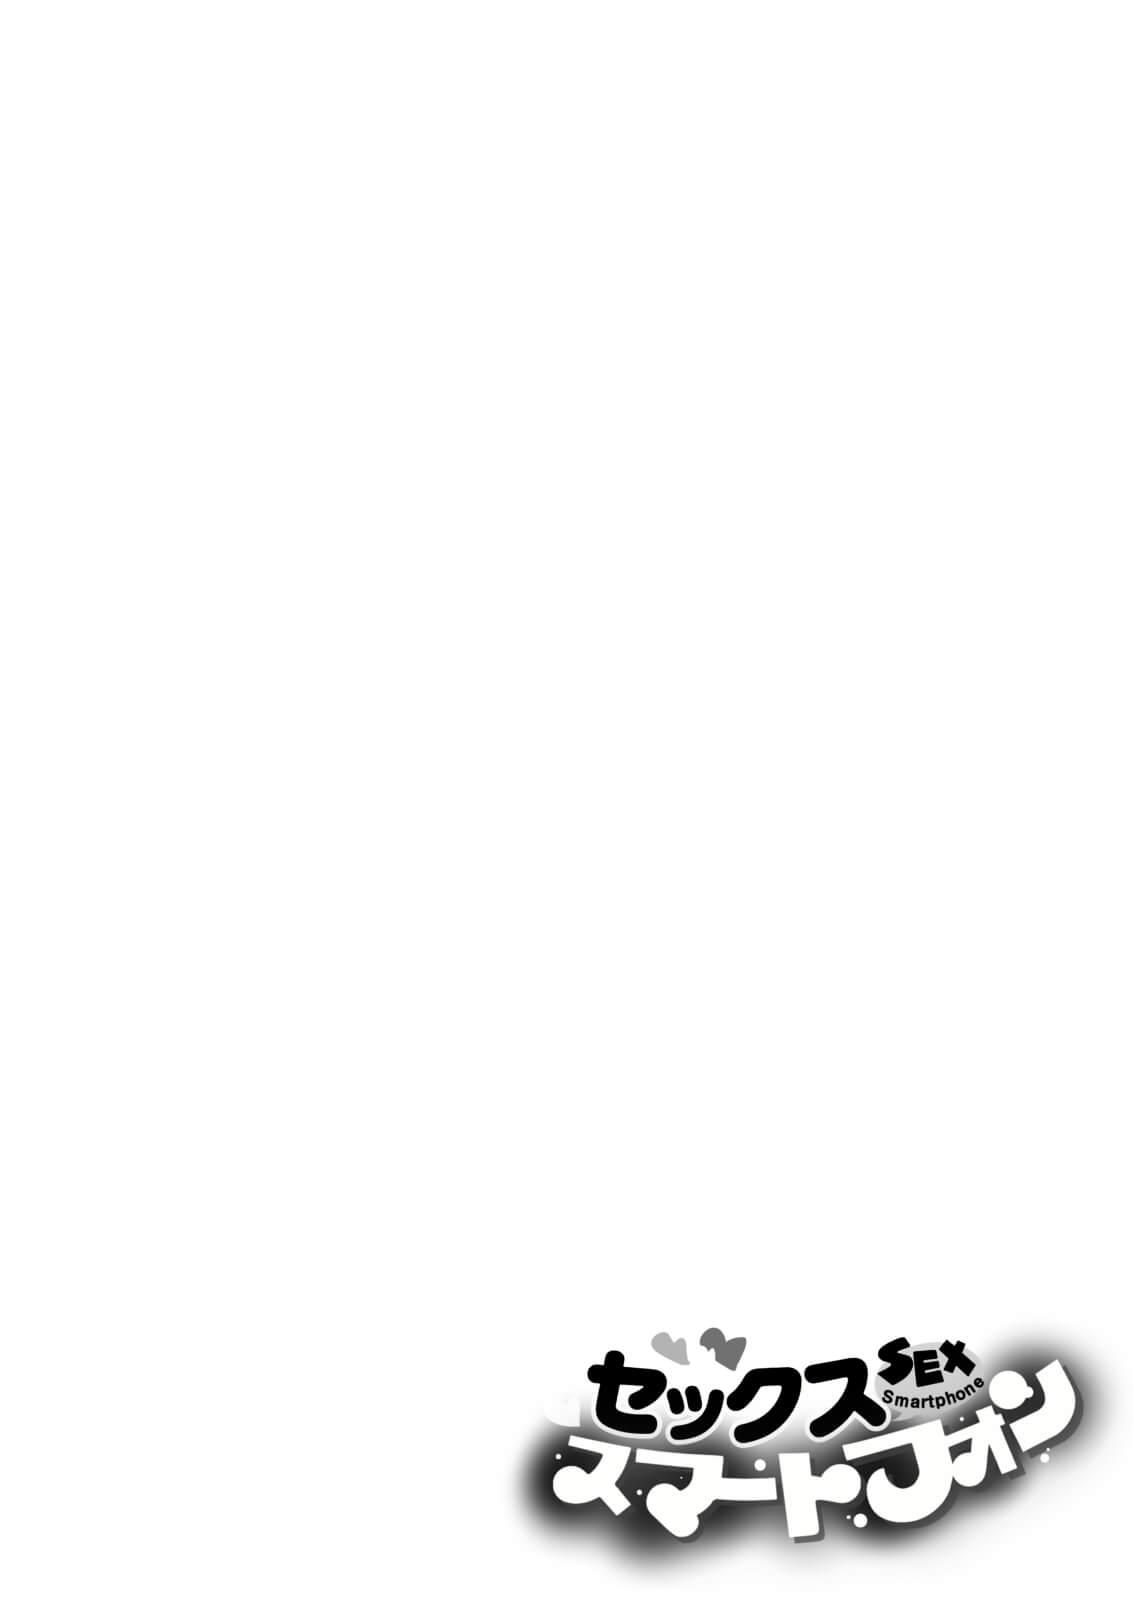 【エロ漫画】息子のお友達ショタにガッツリ中出し射精させるドスケベな子持ち妻【無料 エロ漫画】